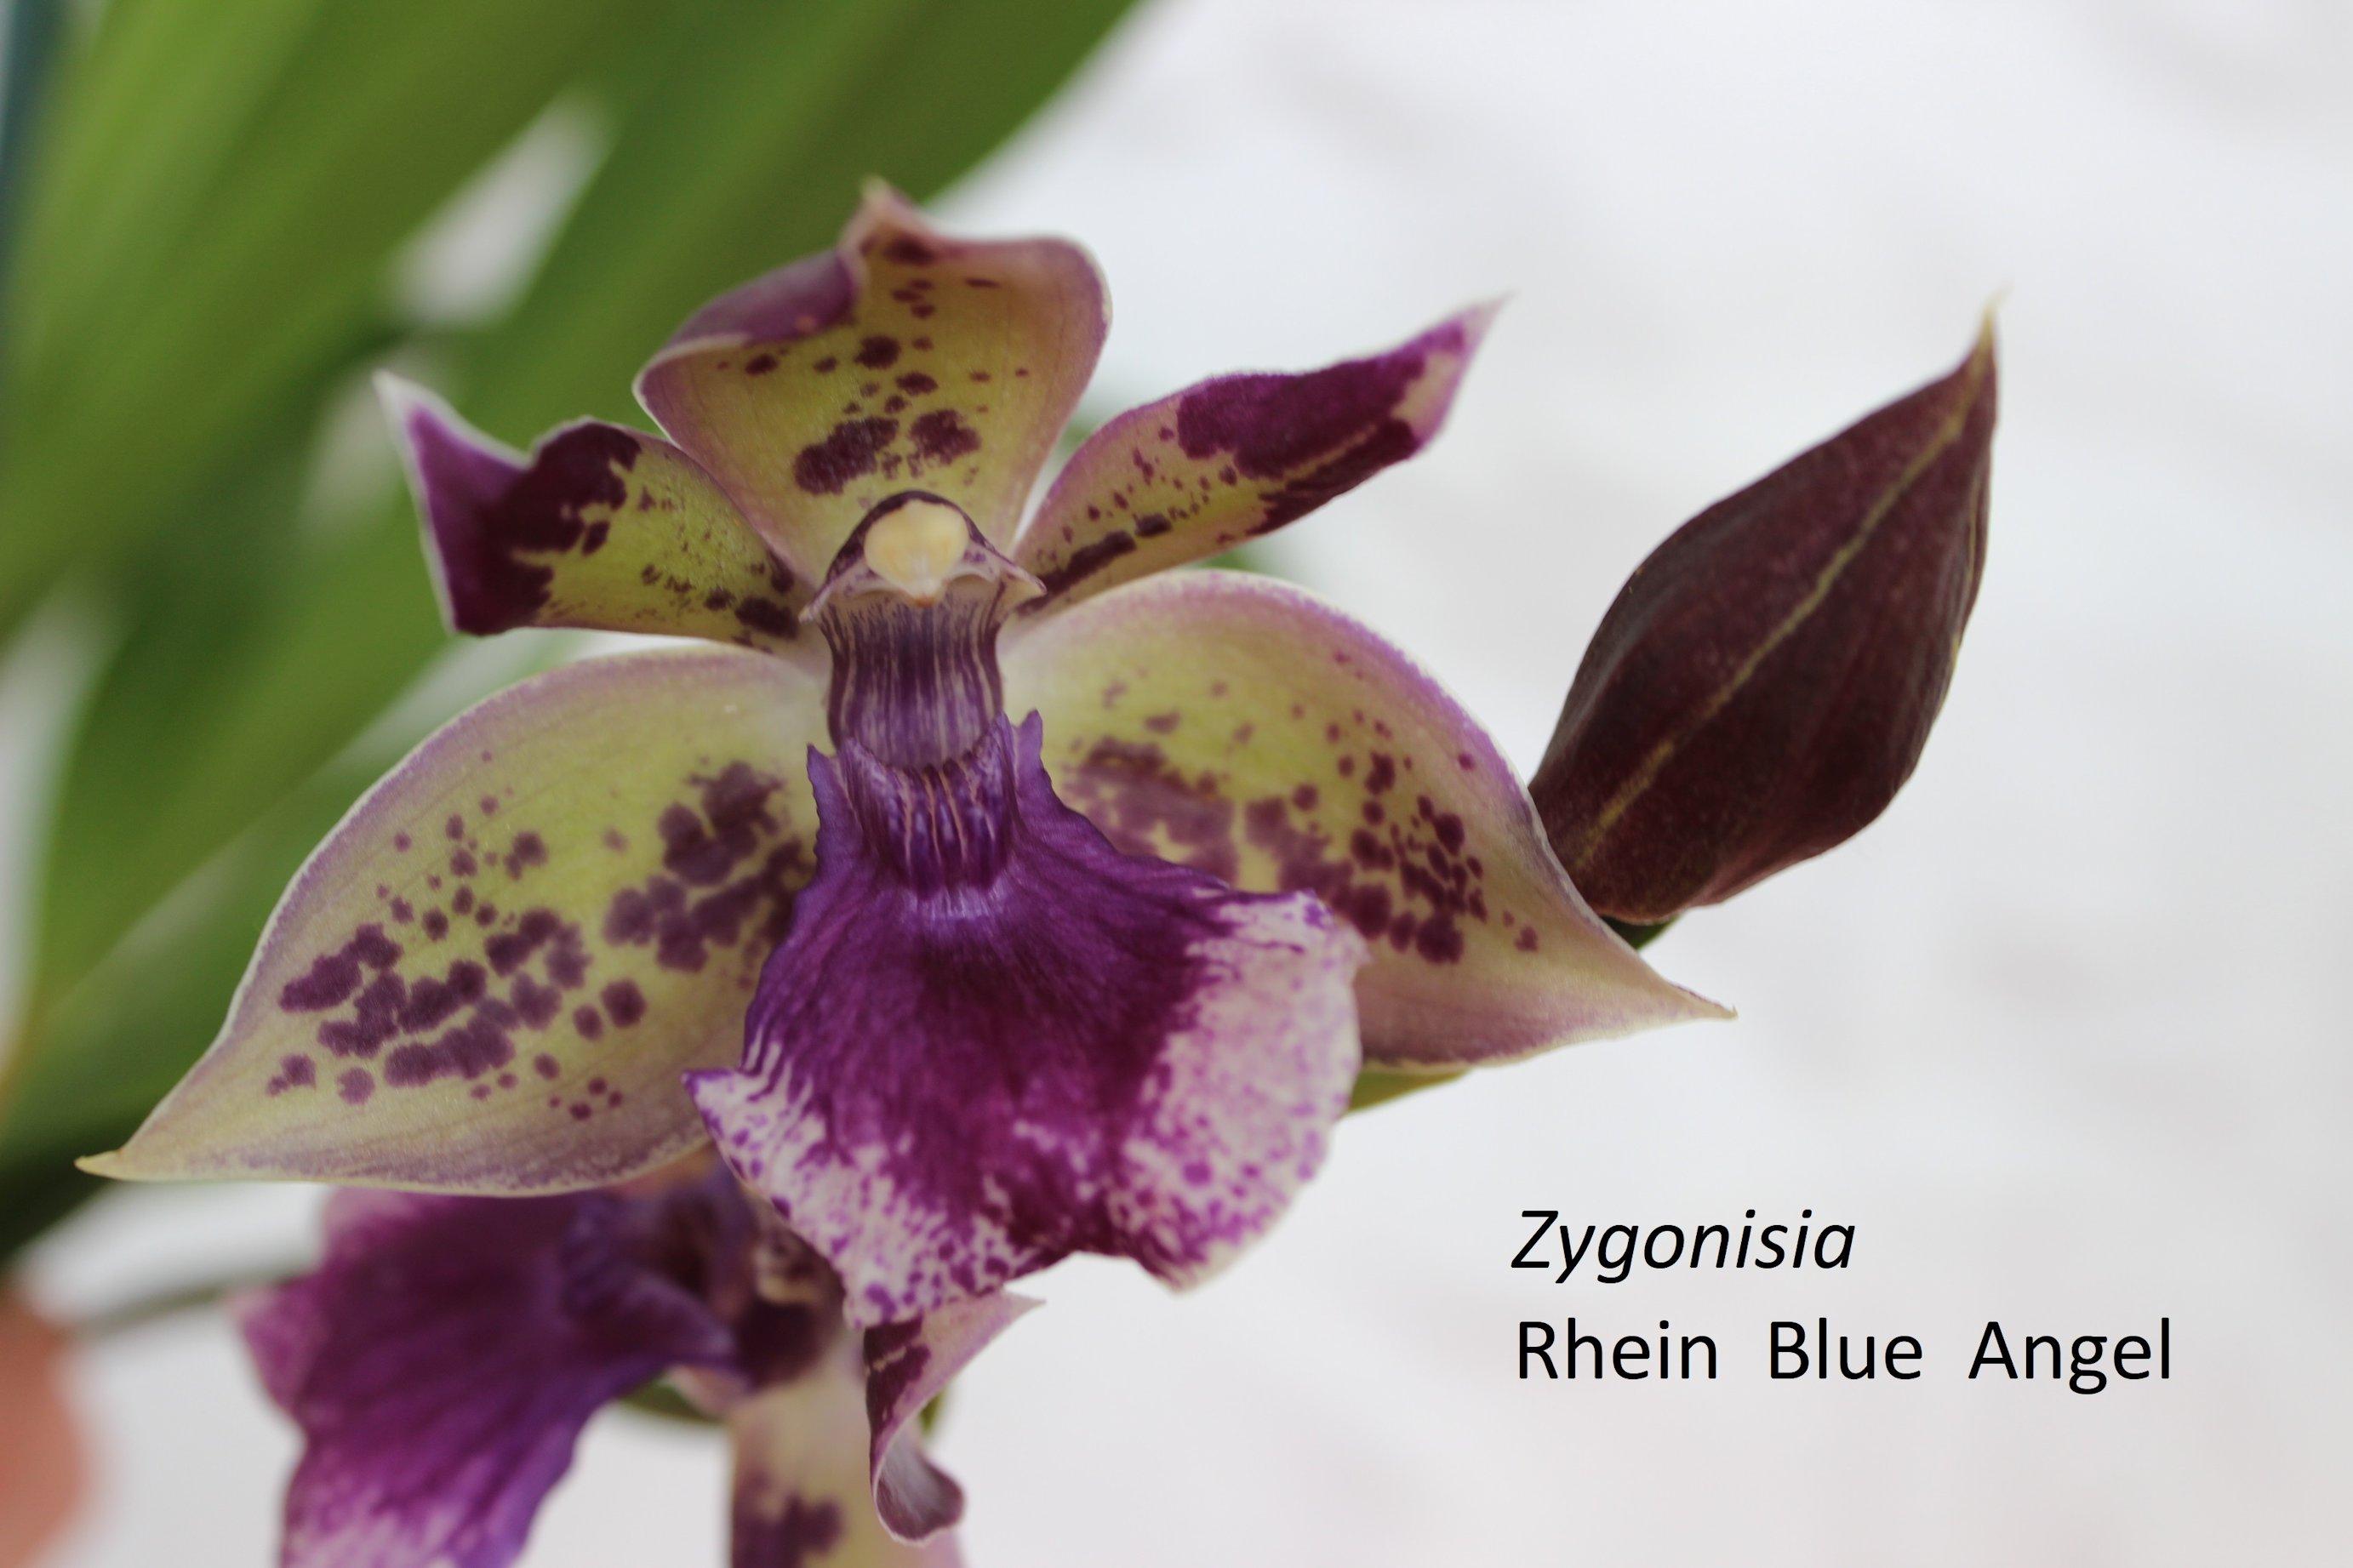 Zygonisia Rhein Blue Angel. 18053111185718944715738654